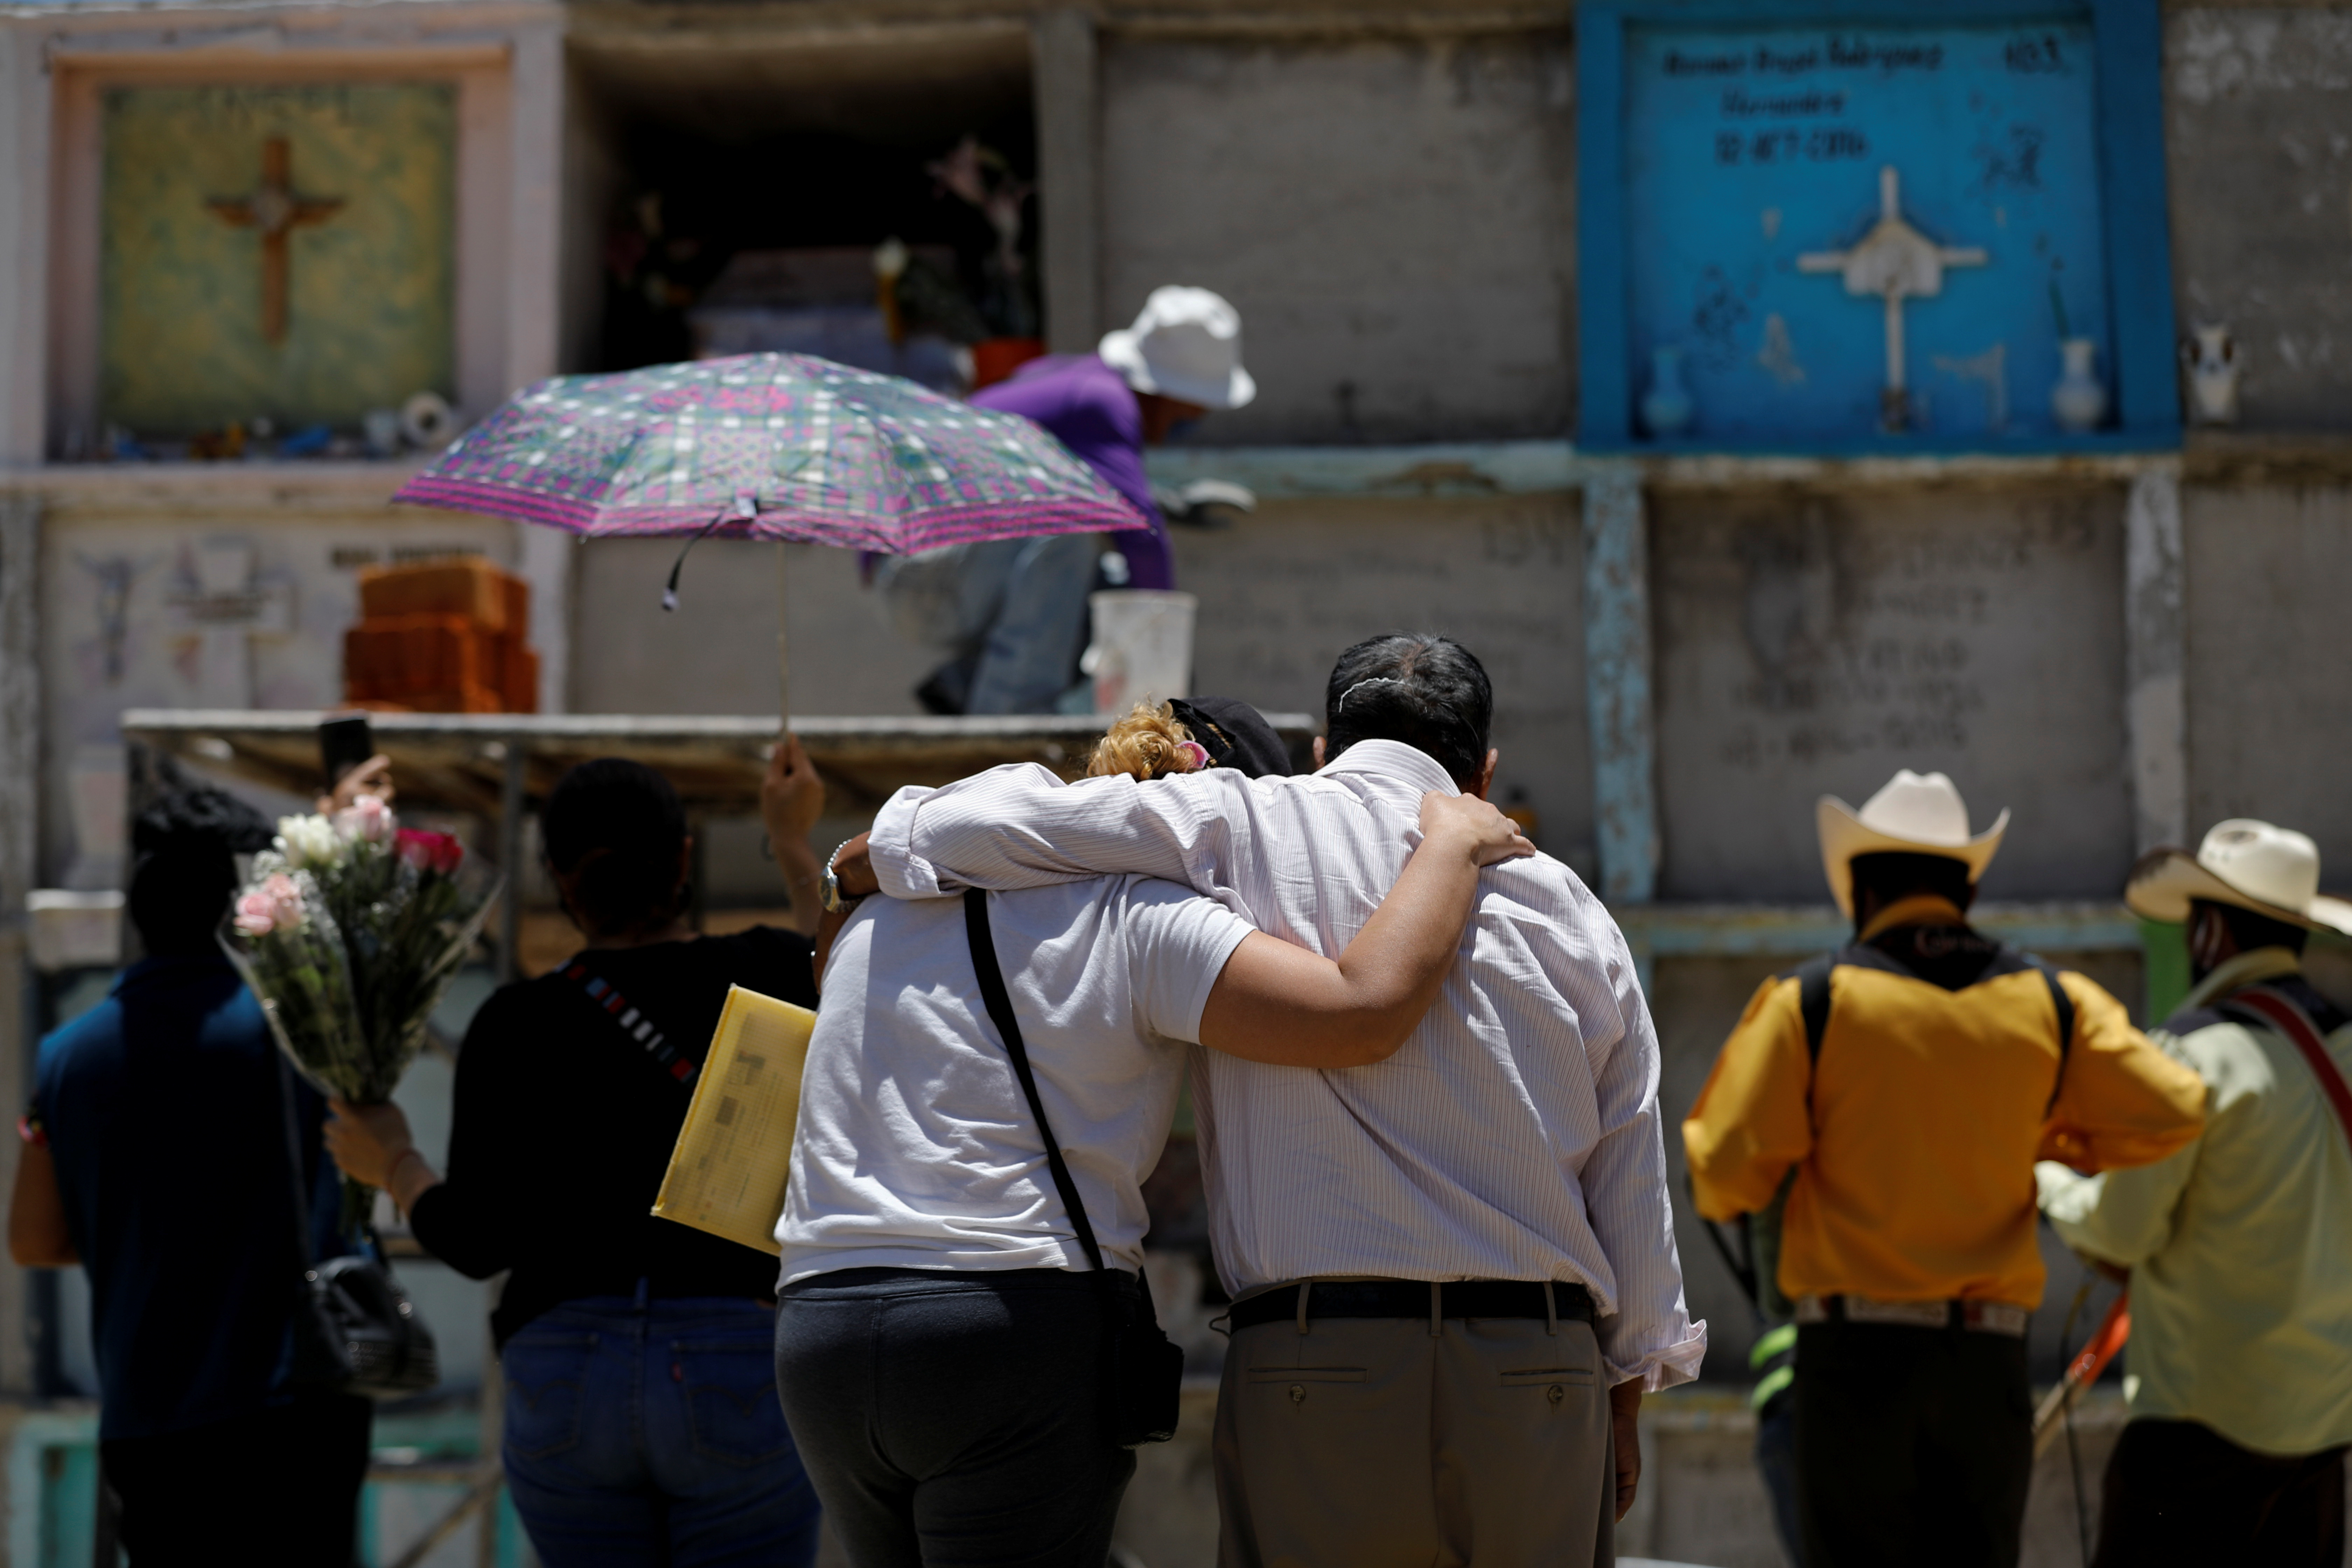 Los familiares se despiden de su pariente que murió de la enfermedad del coronavirus (COVID-19), en el cementerio municipal de Nezahualcóyotl, Estado de México, México, 12 de junio de 2020. Foto: Reuters.